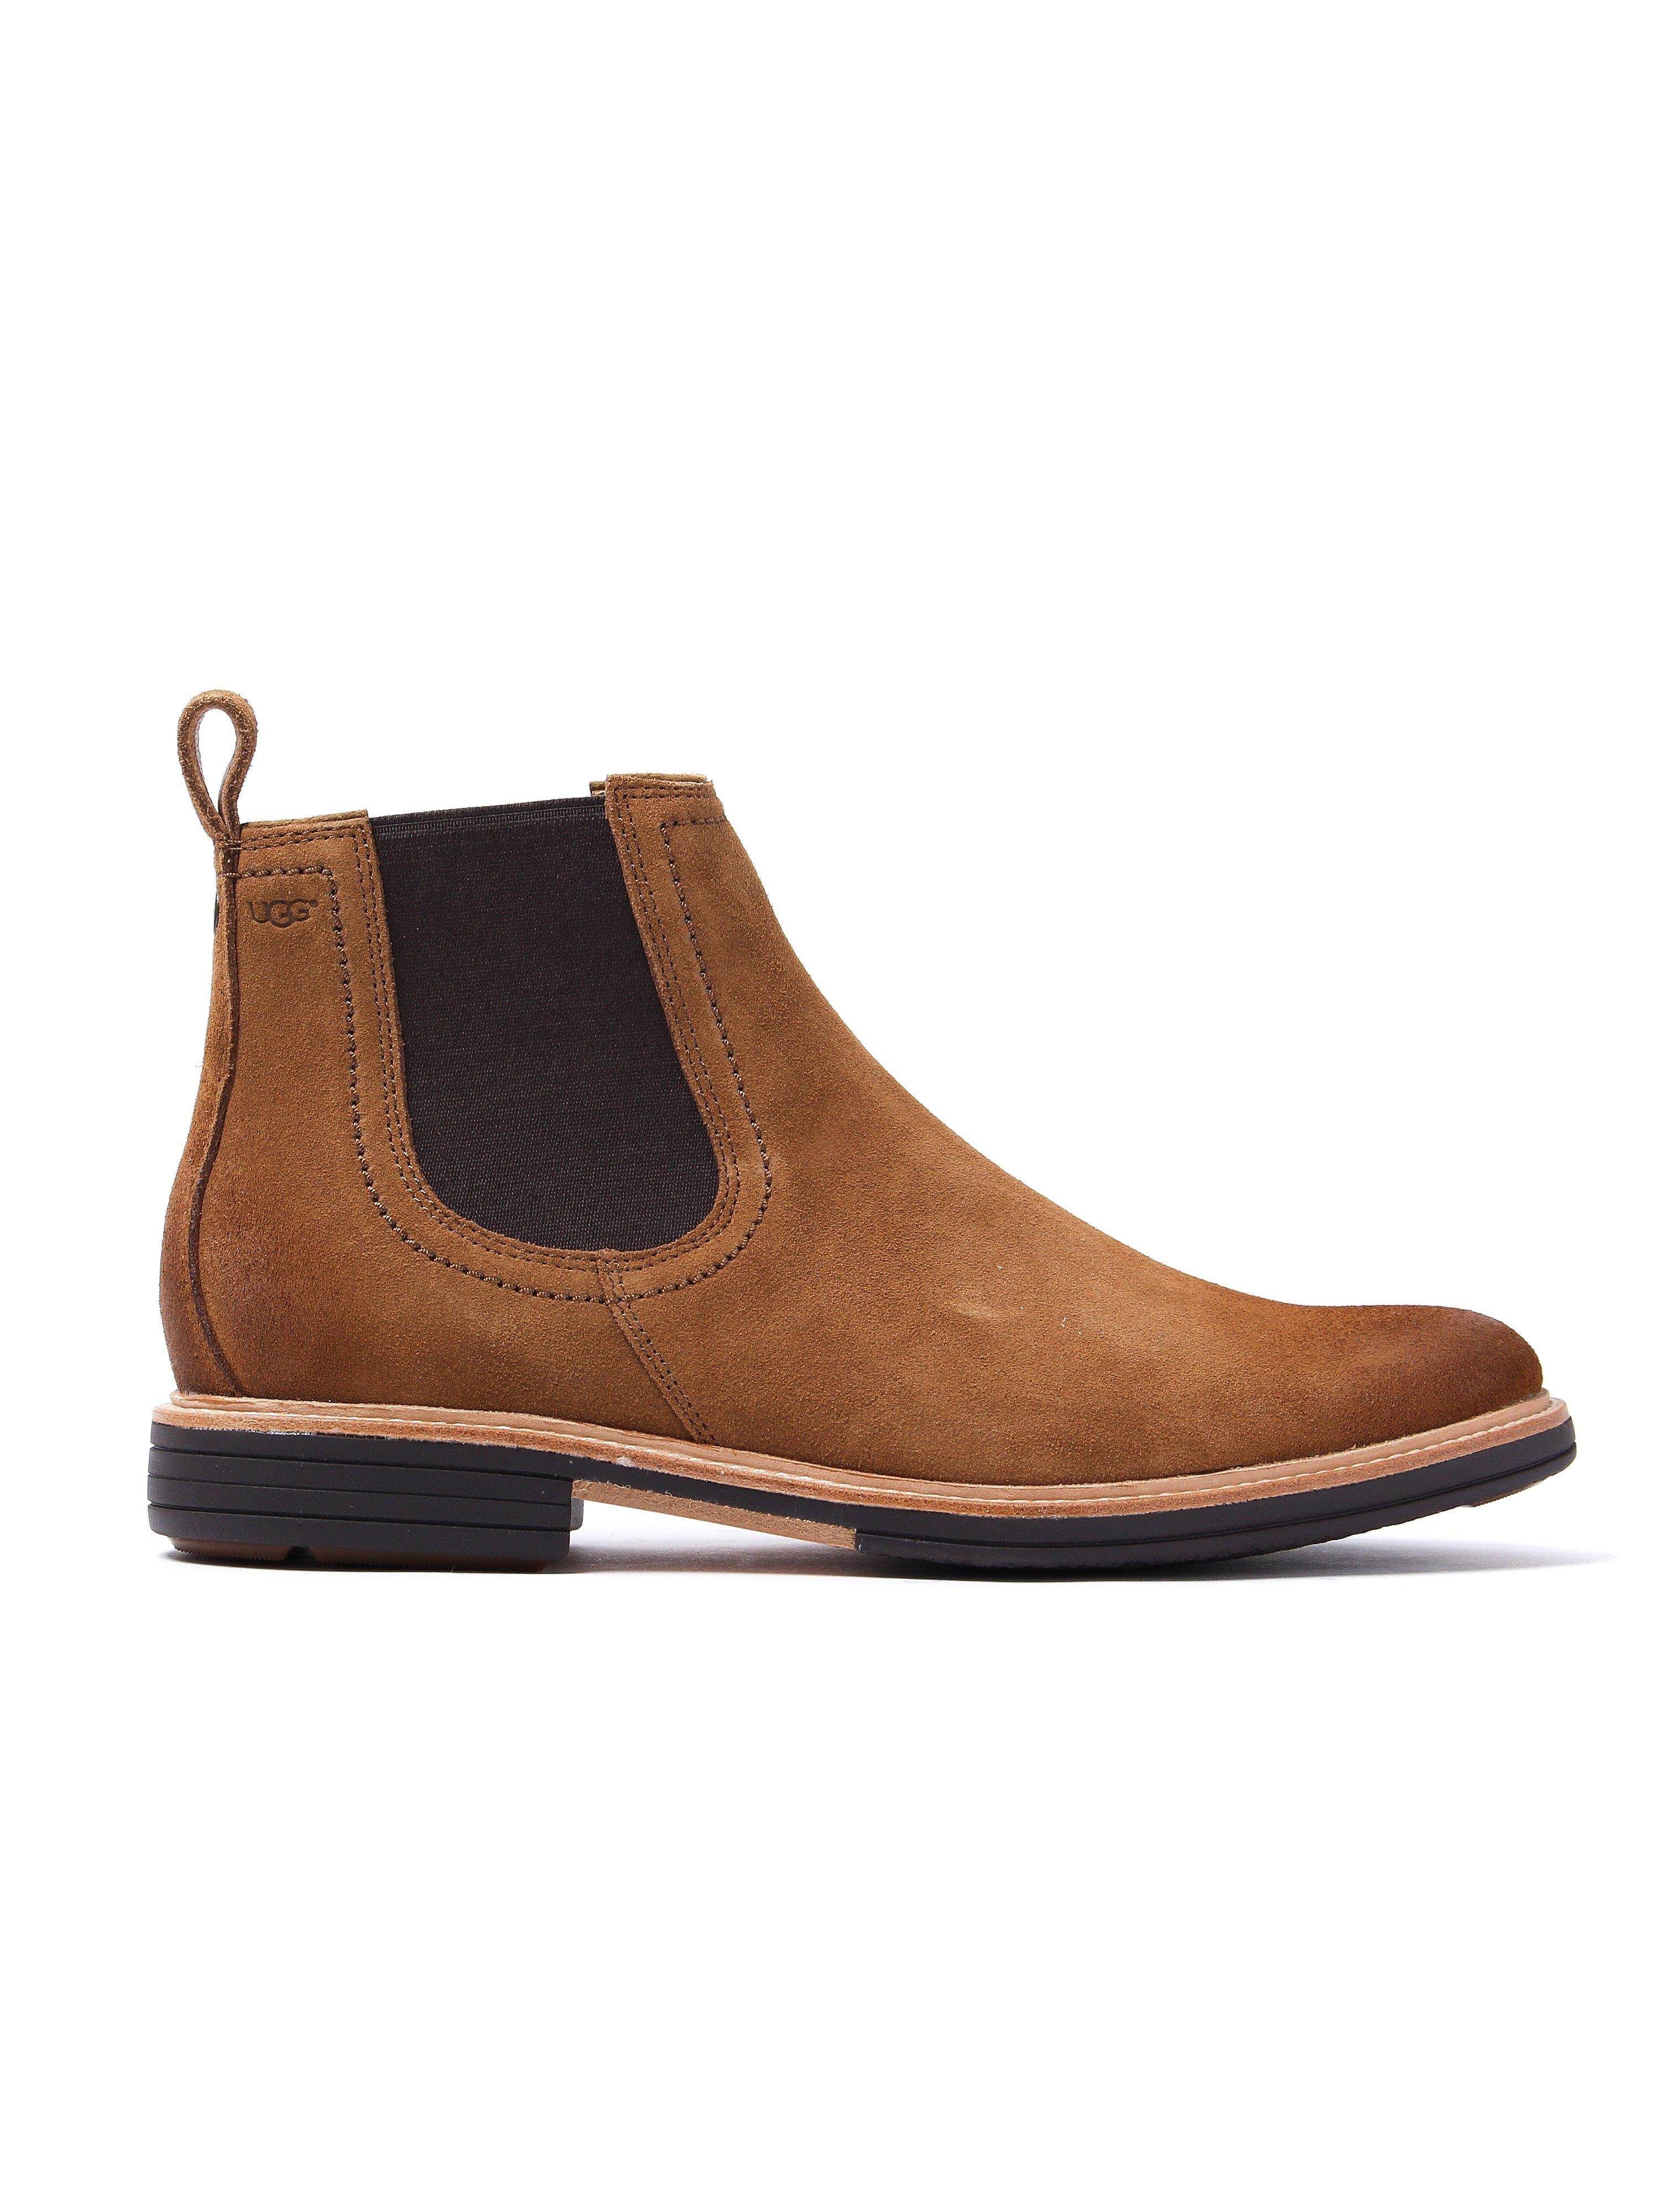 UGG Men's Baldvin Chelsea Boots - Chestnut Suede